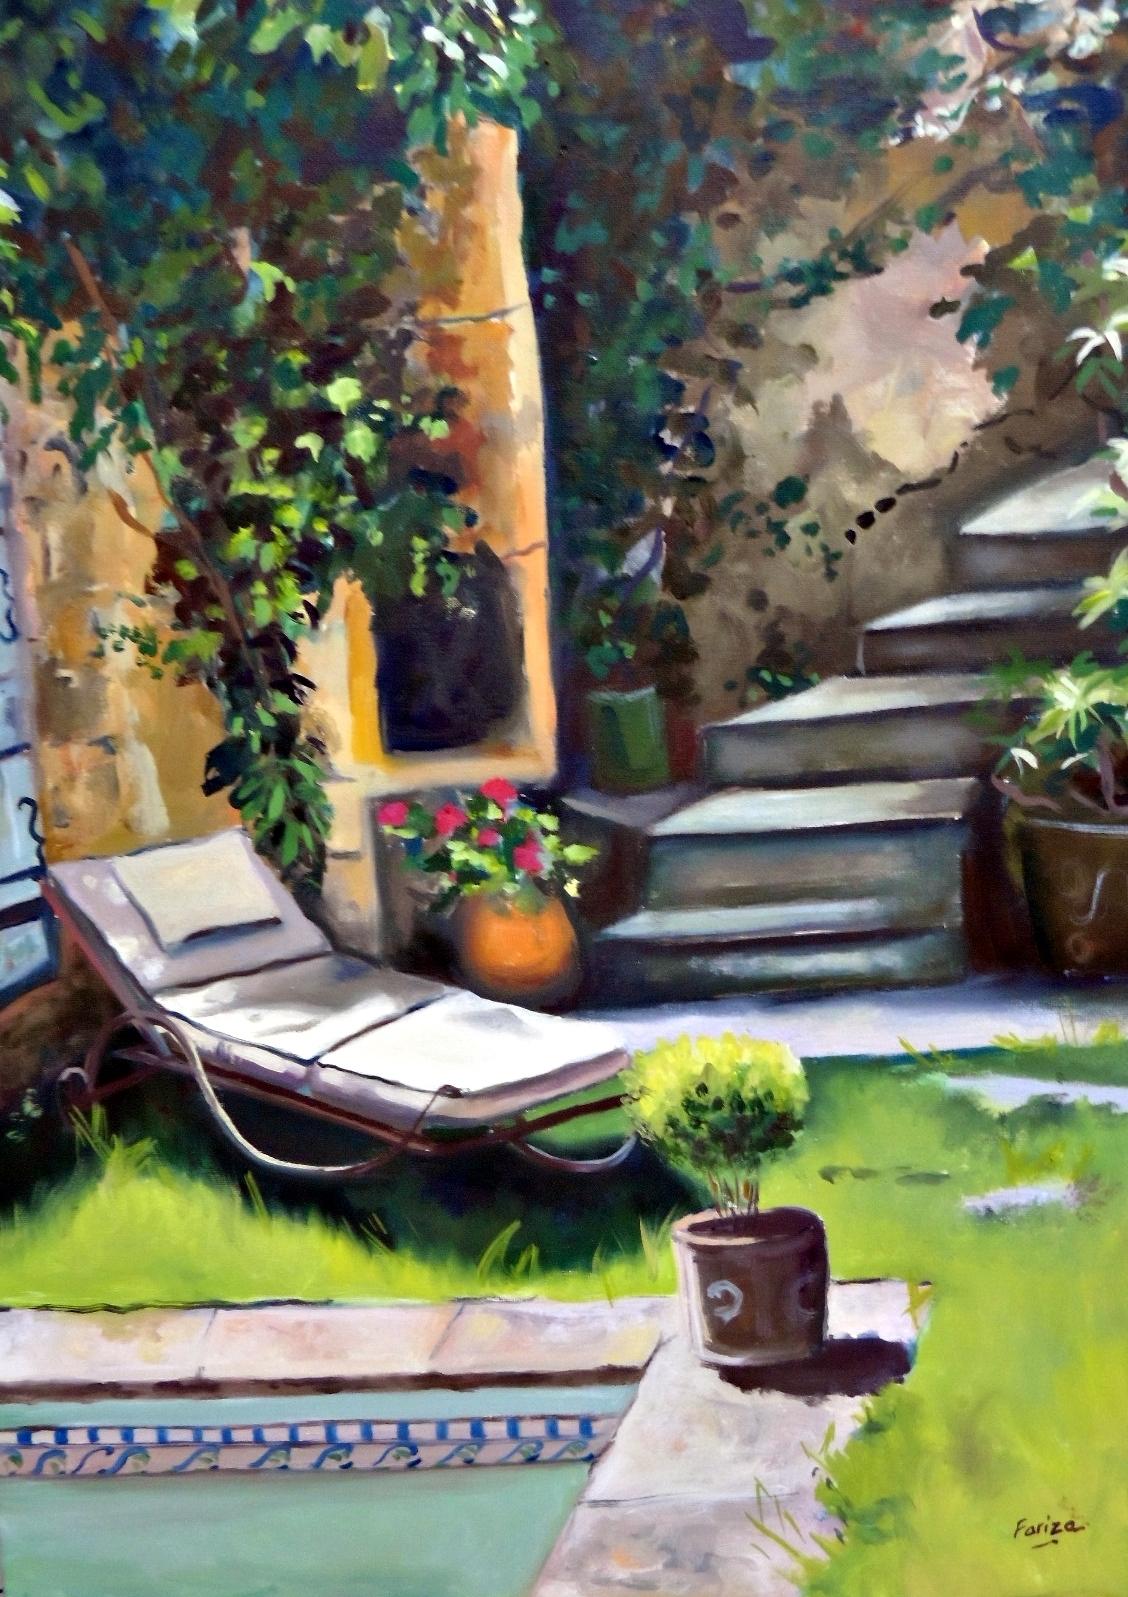 Tumbona y piscina amaya fariza pintura contempor nea for Piscinas amaya